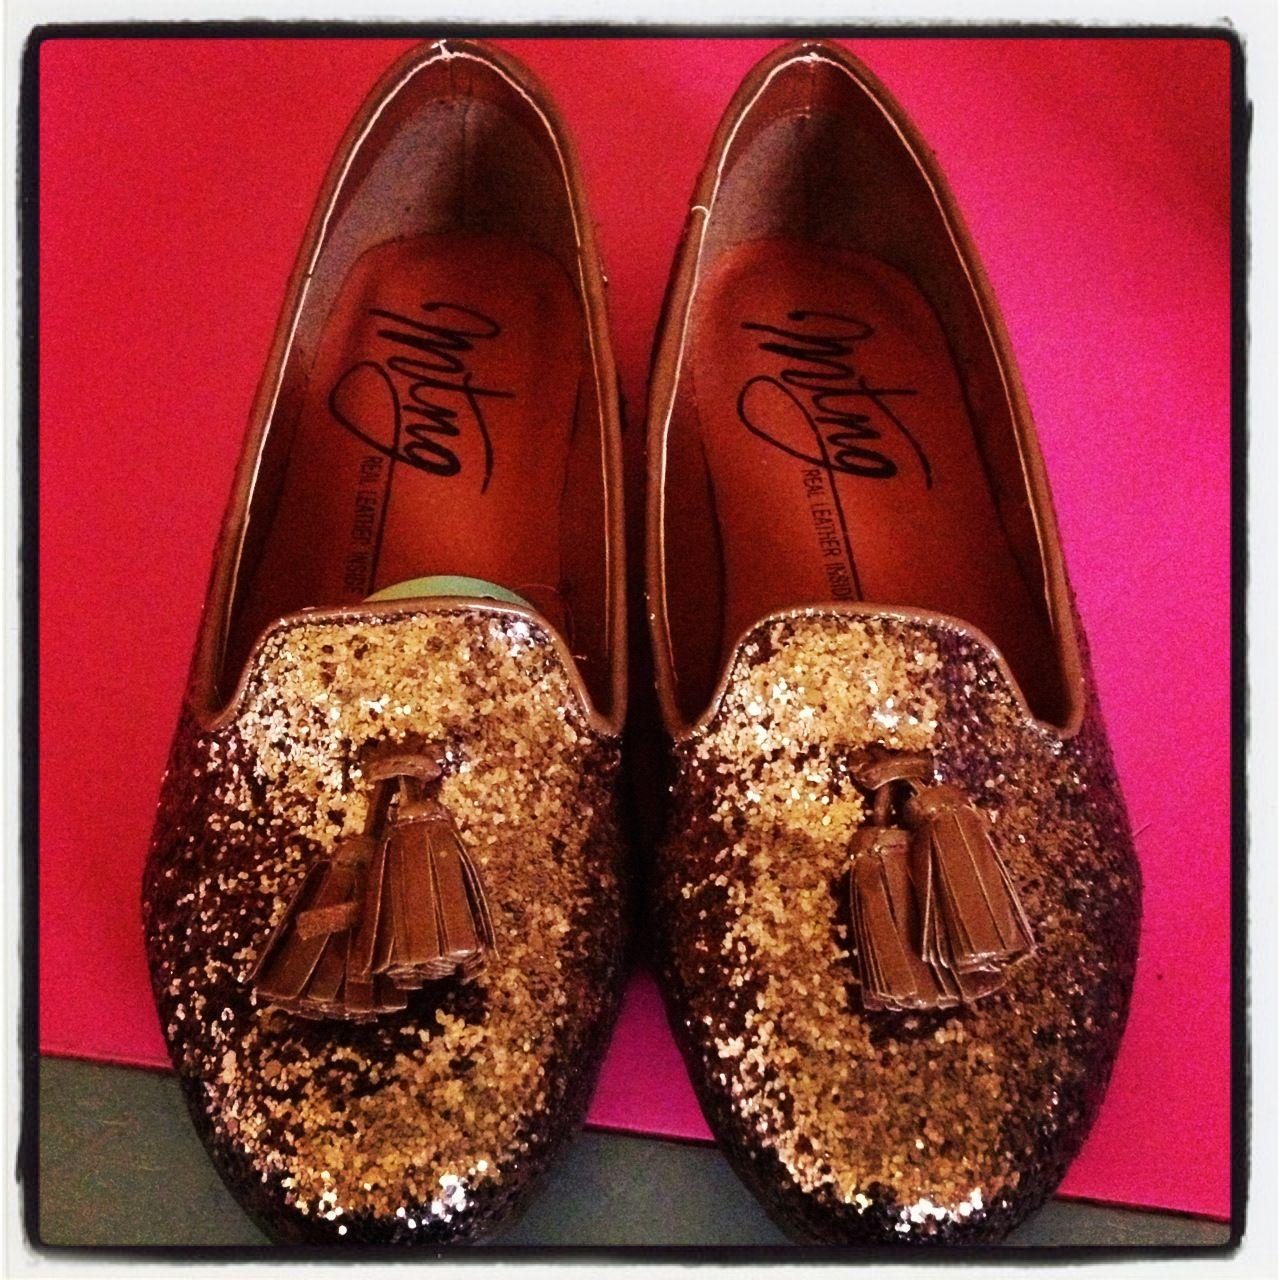 New shoes! @hautelook